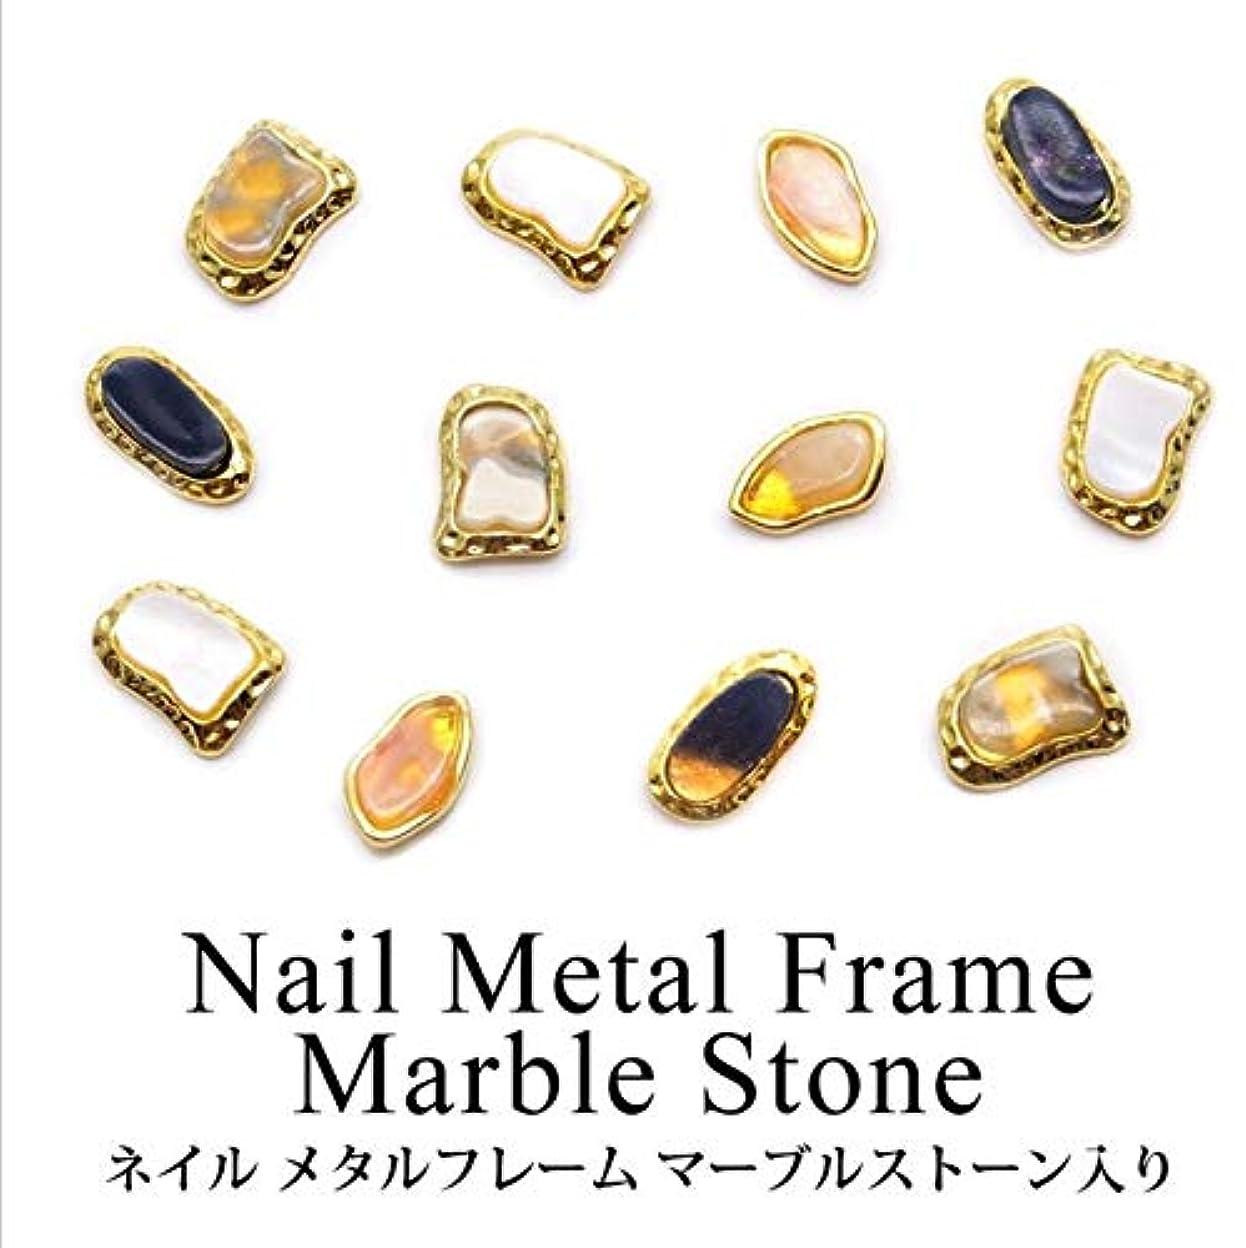 【ネイルウーマン】天然石風パーツ シェルカラー フレーム (クリームナチュラル/6.5mm×9.5mm) 10粒入り